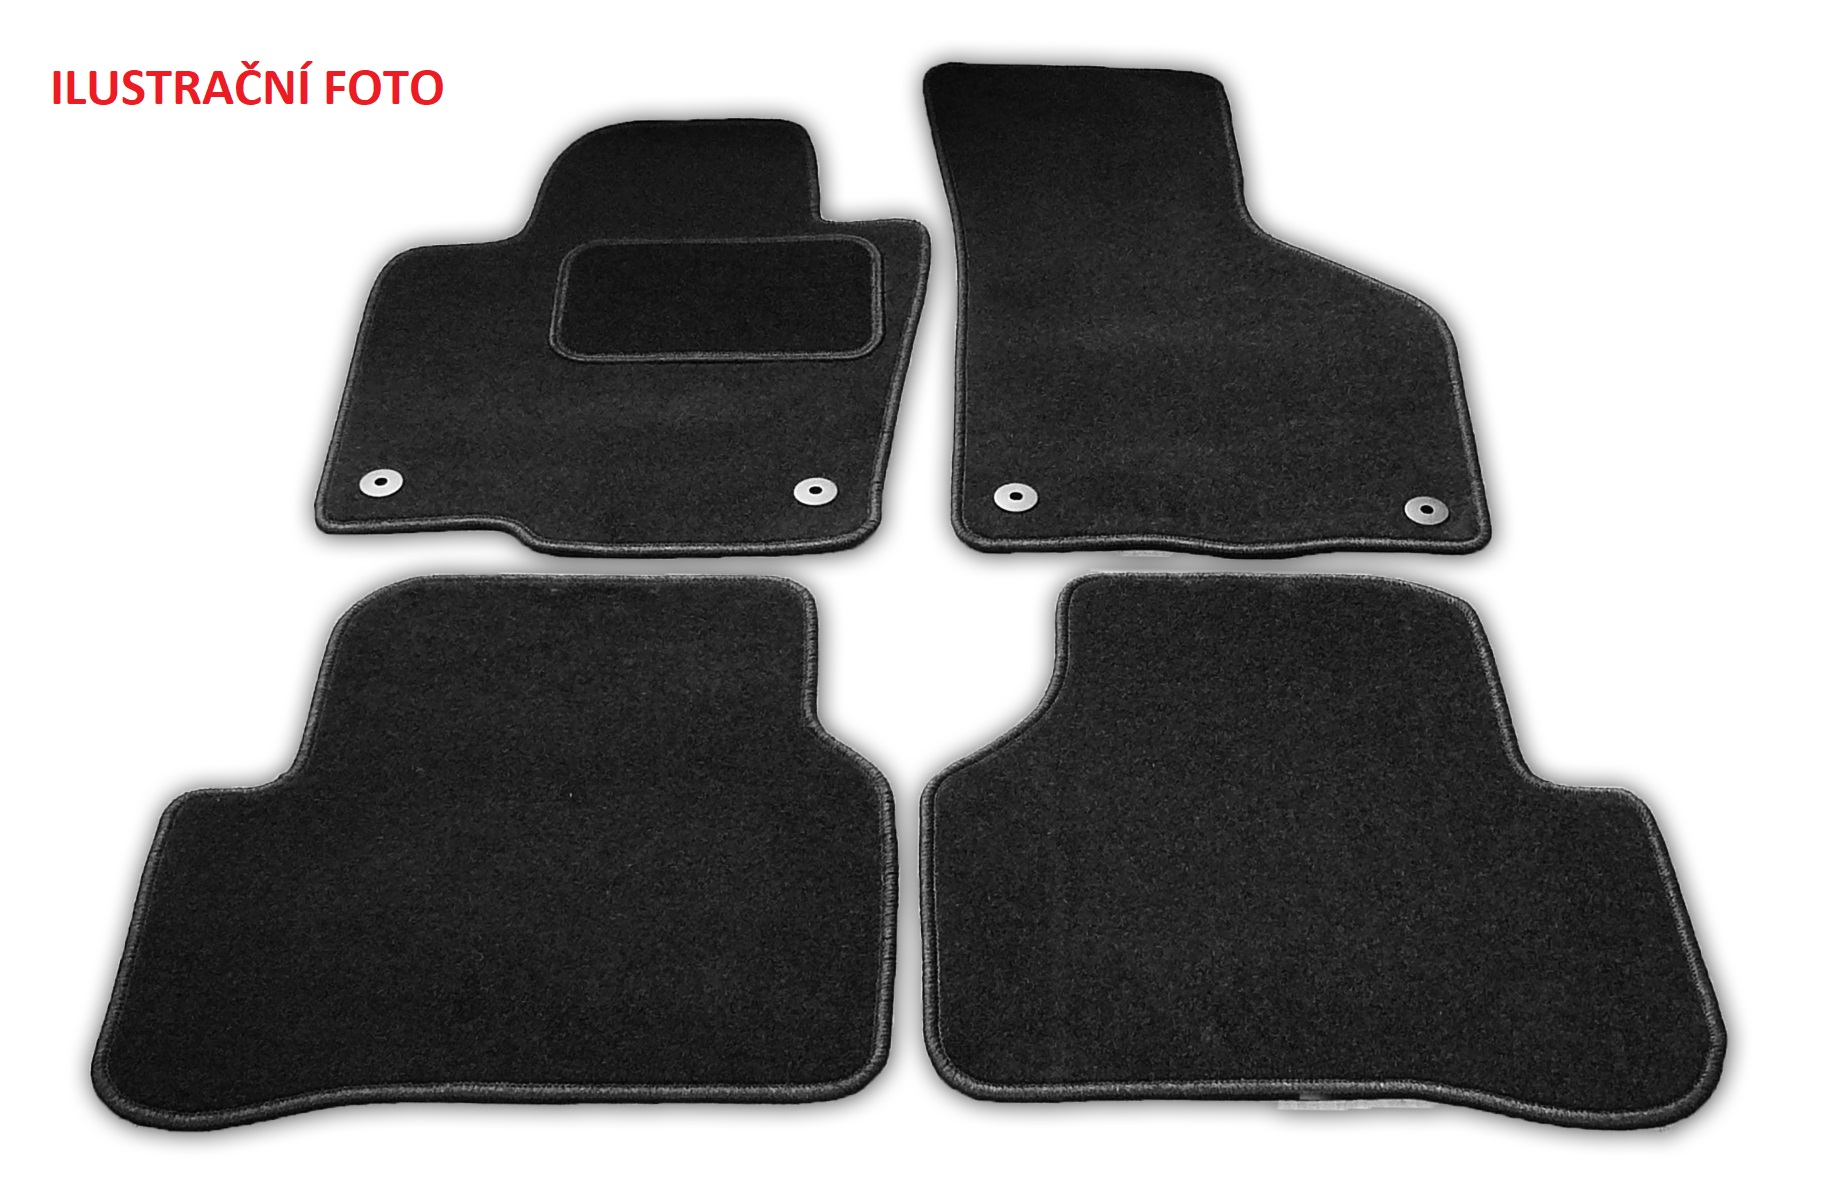 Automega Textilní autokoberce Standard BMW X6 2008-2014